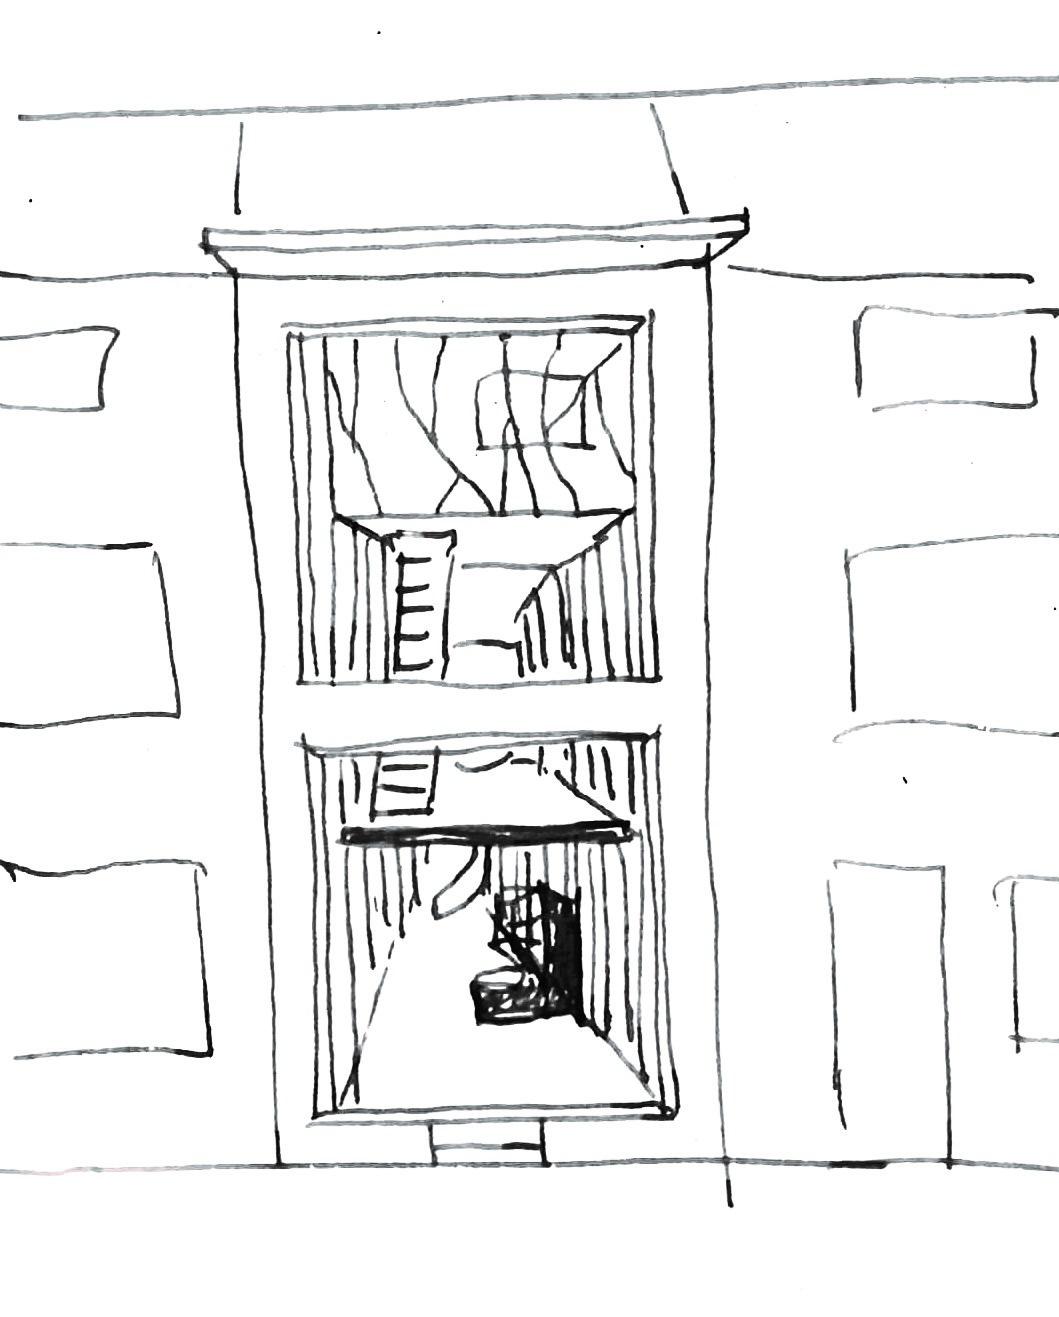 DHOOGEMEGANCK ARCHITECTEN_-WELKOM!_Dhooge&Meganck concept.jpg